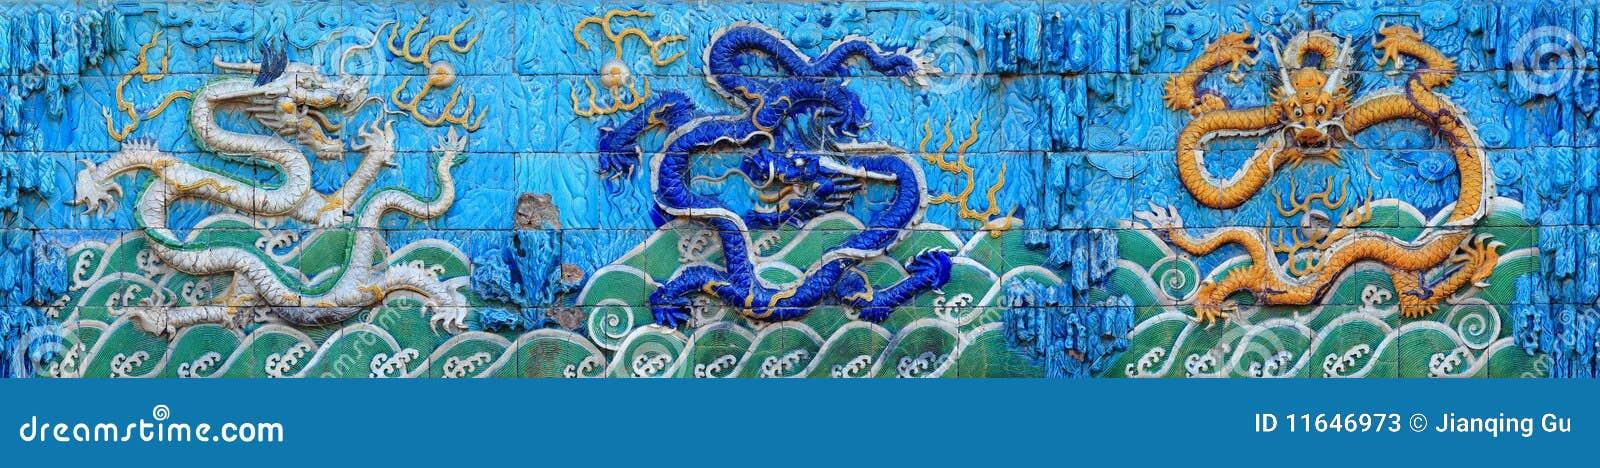 Dragon Wall in Beijing